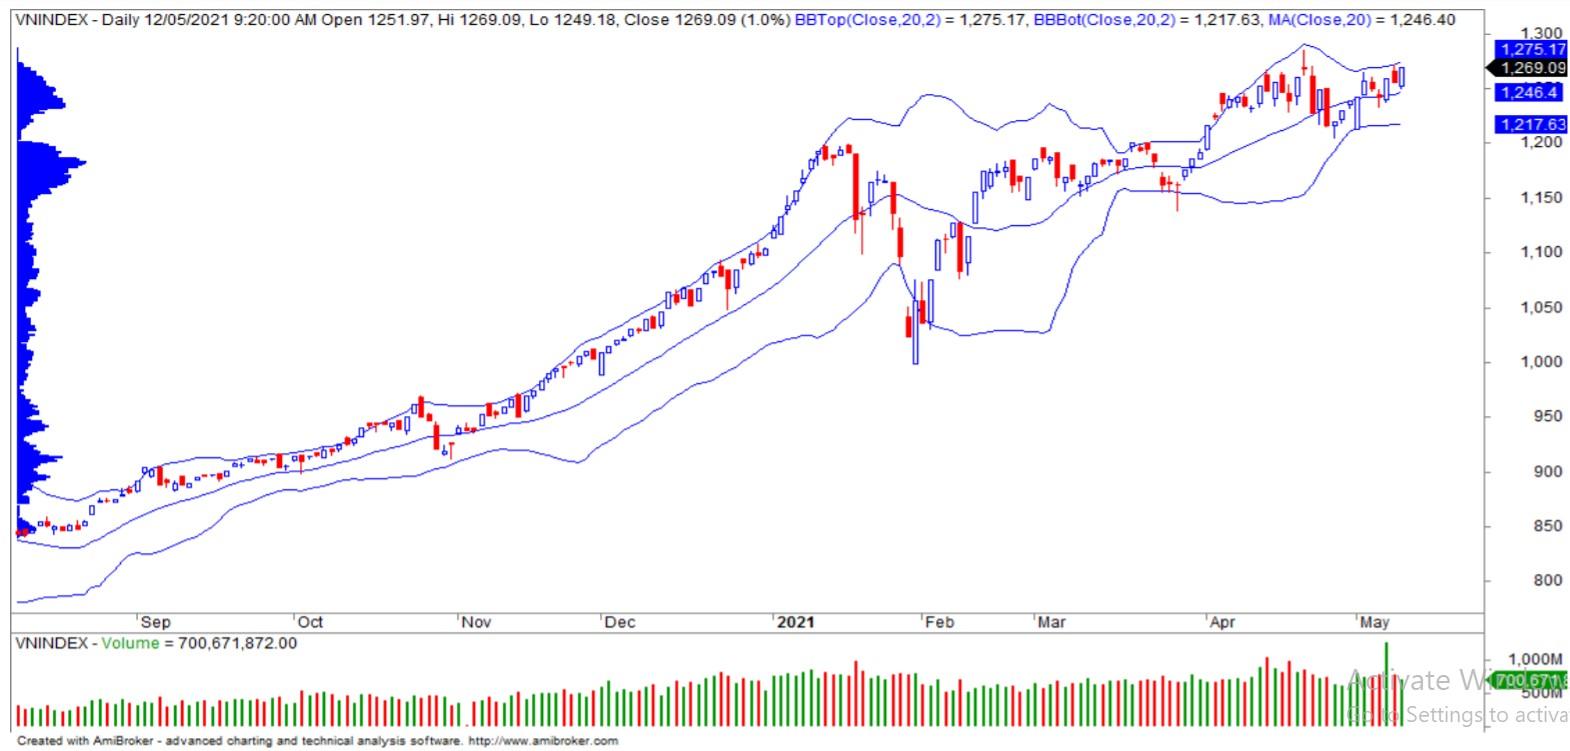 Nhận định thị trường chứng khoán ngày 13/5: VN-Index tiếp đà tăng điểm? - Ảnh 1.